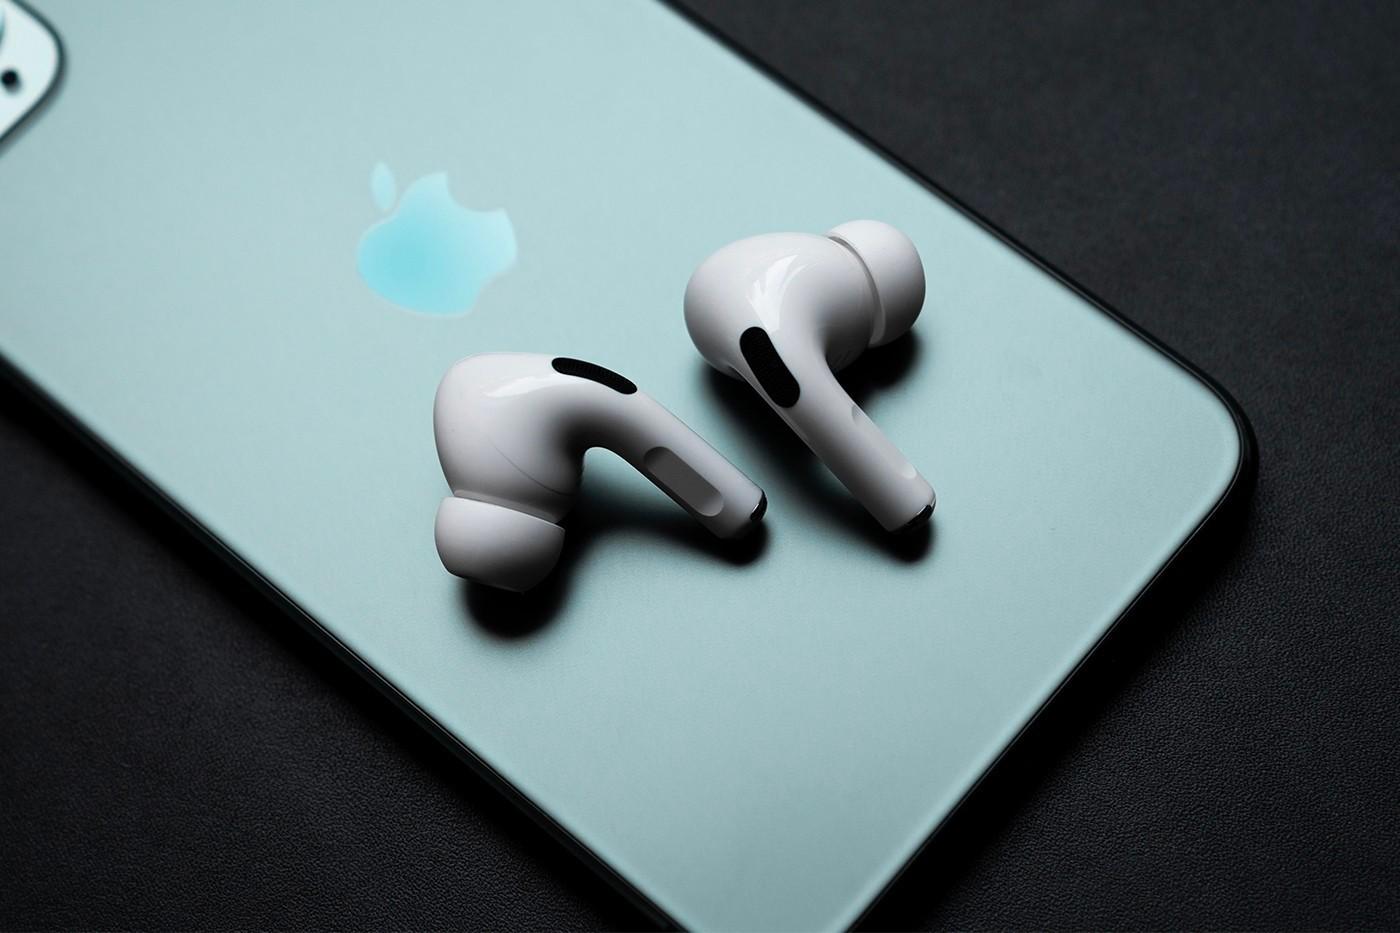 苹果的AirPods Pro Lite预计售价为200美元